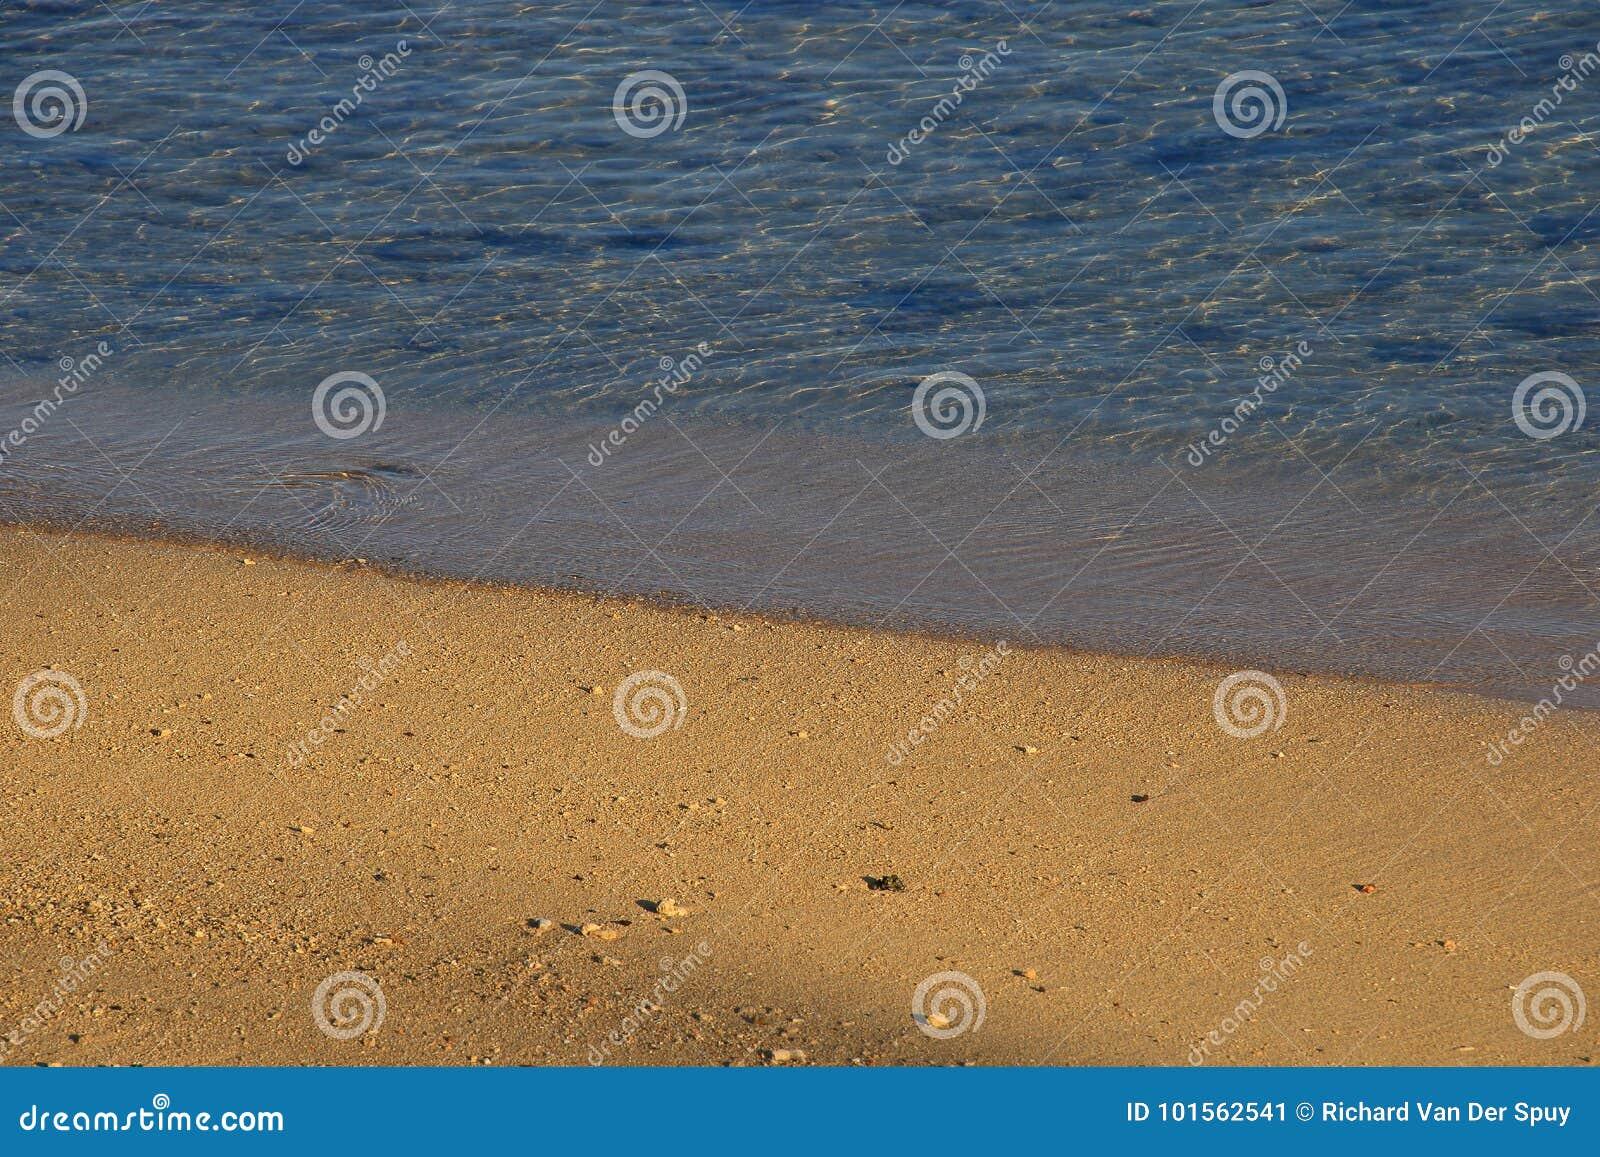 Strandbeeld voor achtergrondgebruik